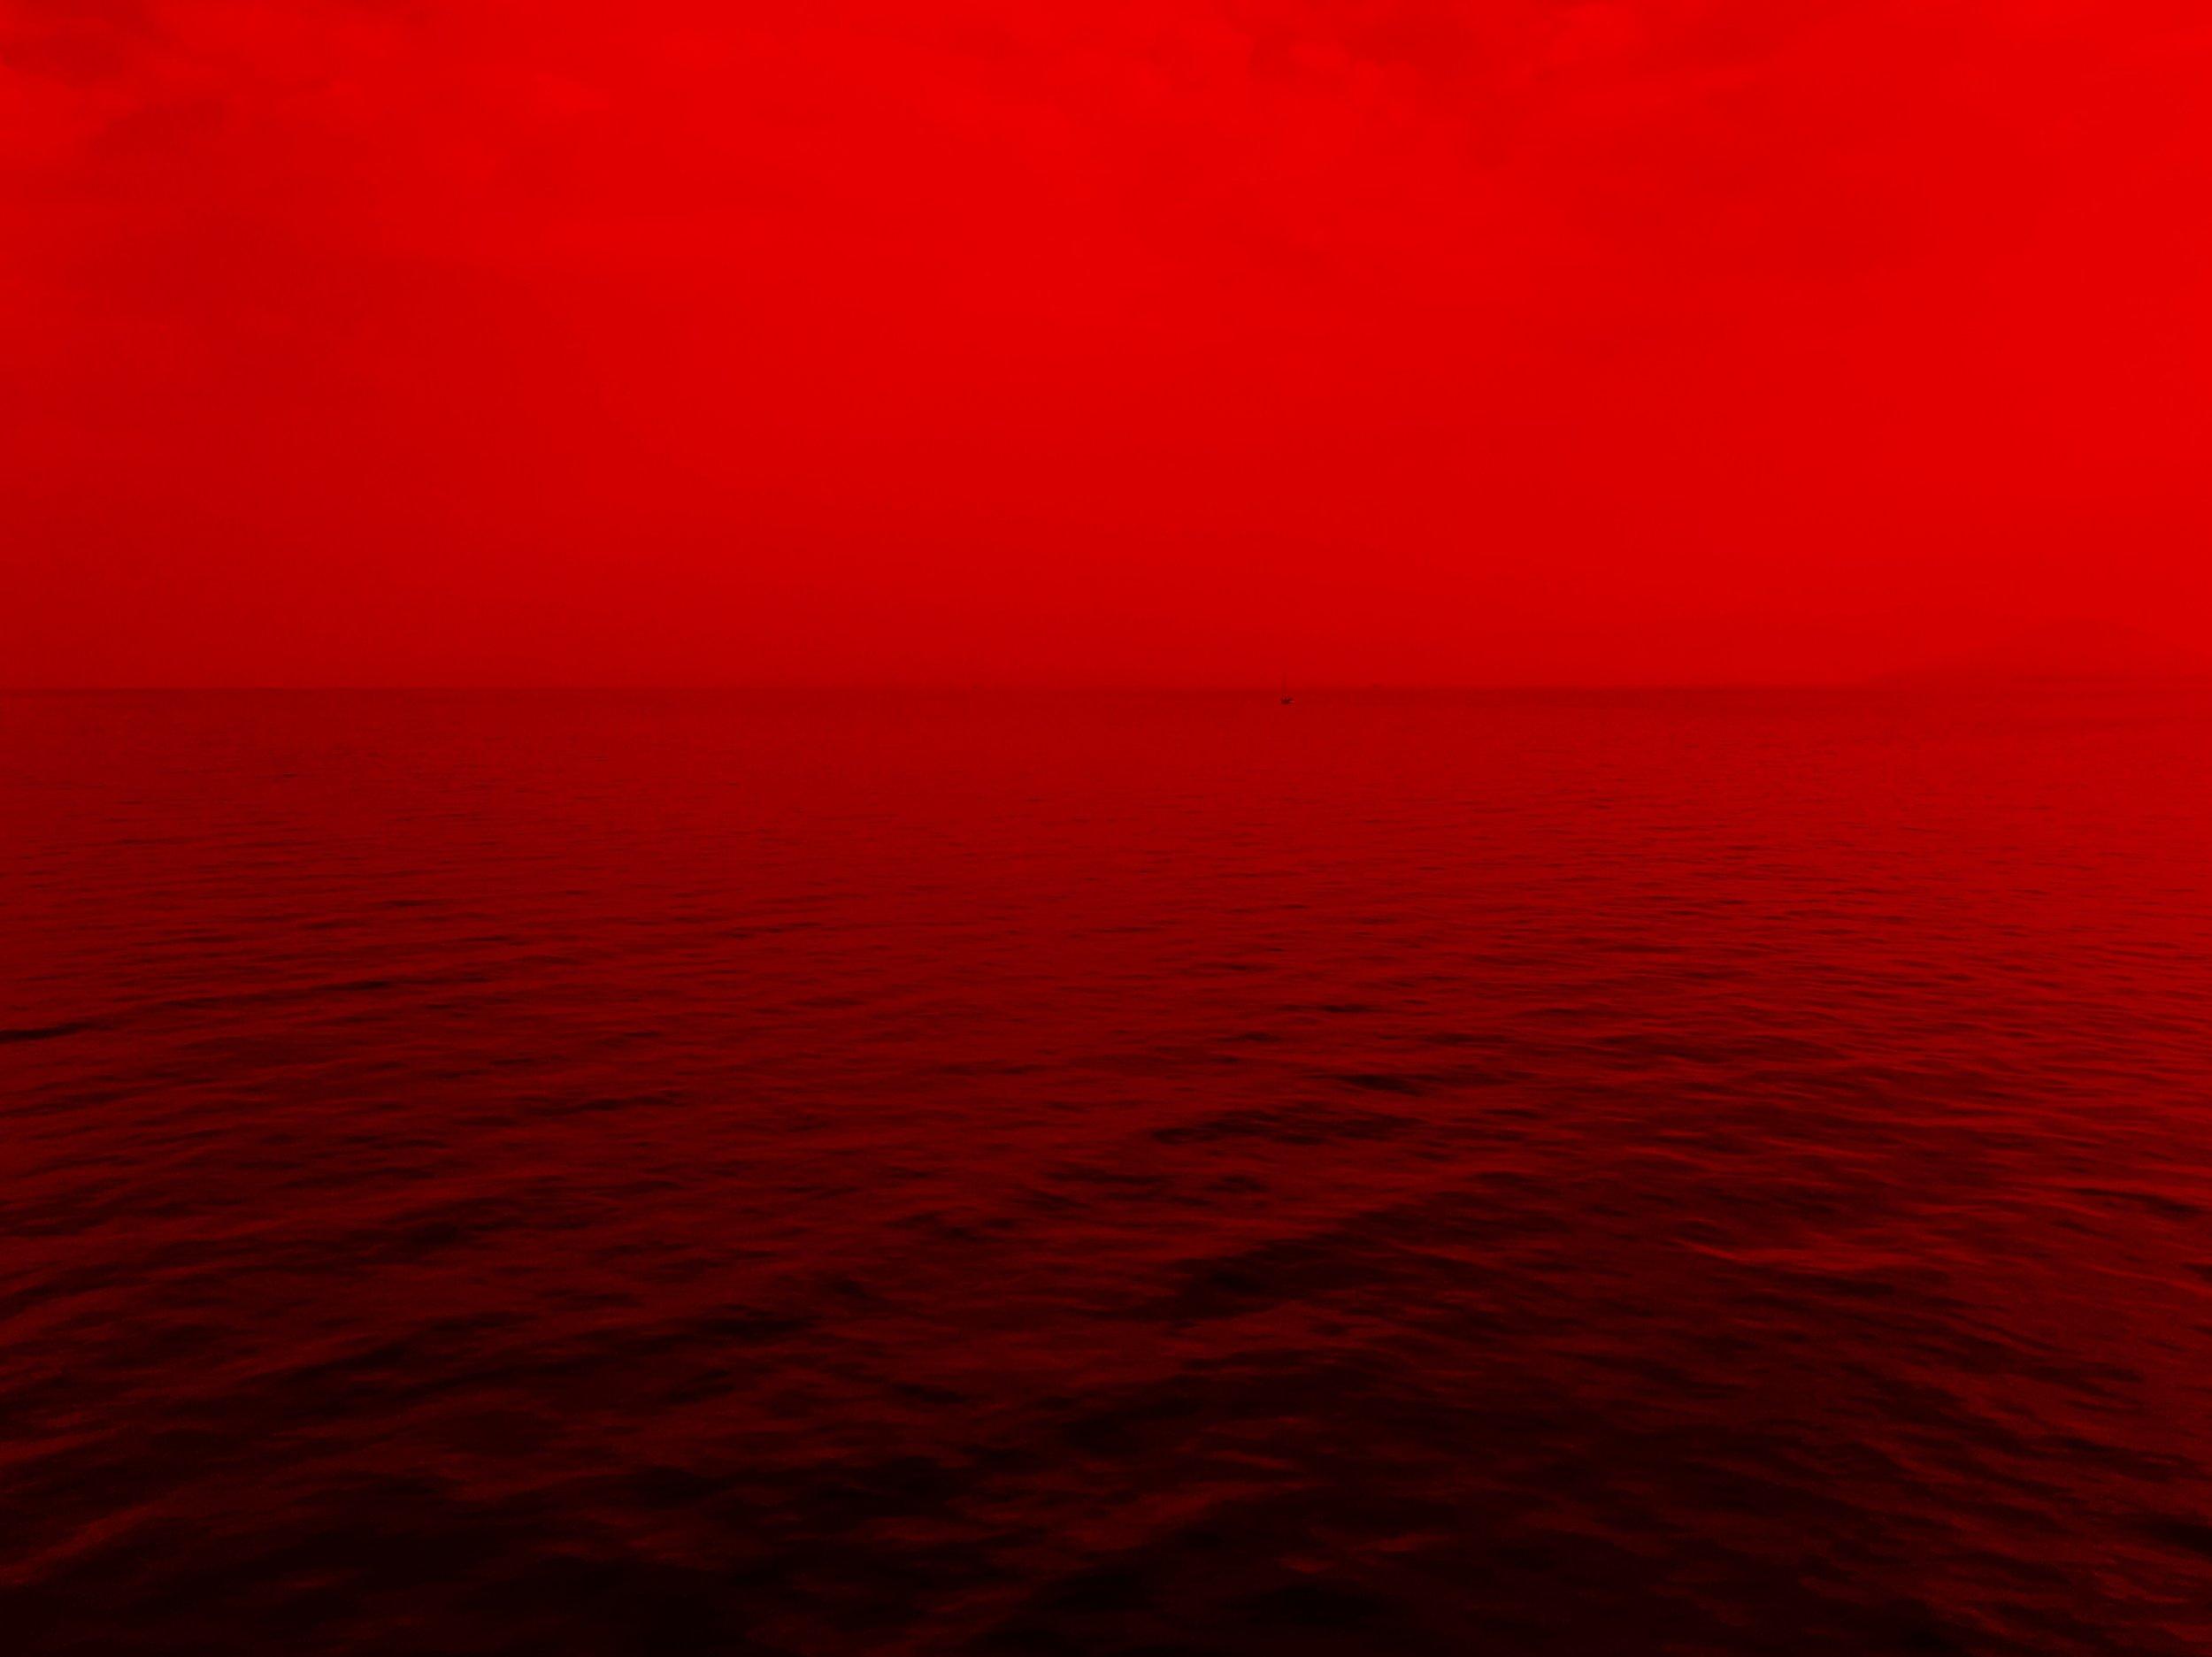 red-ocean-water